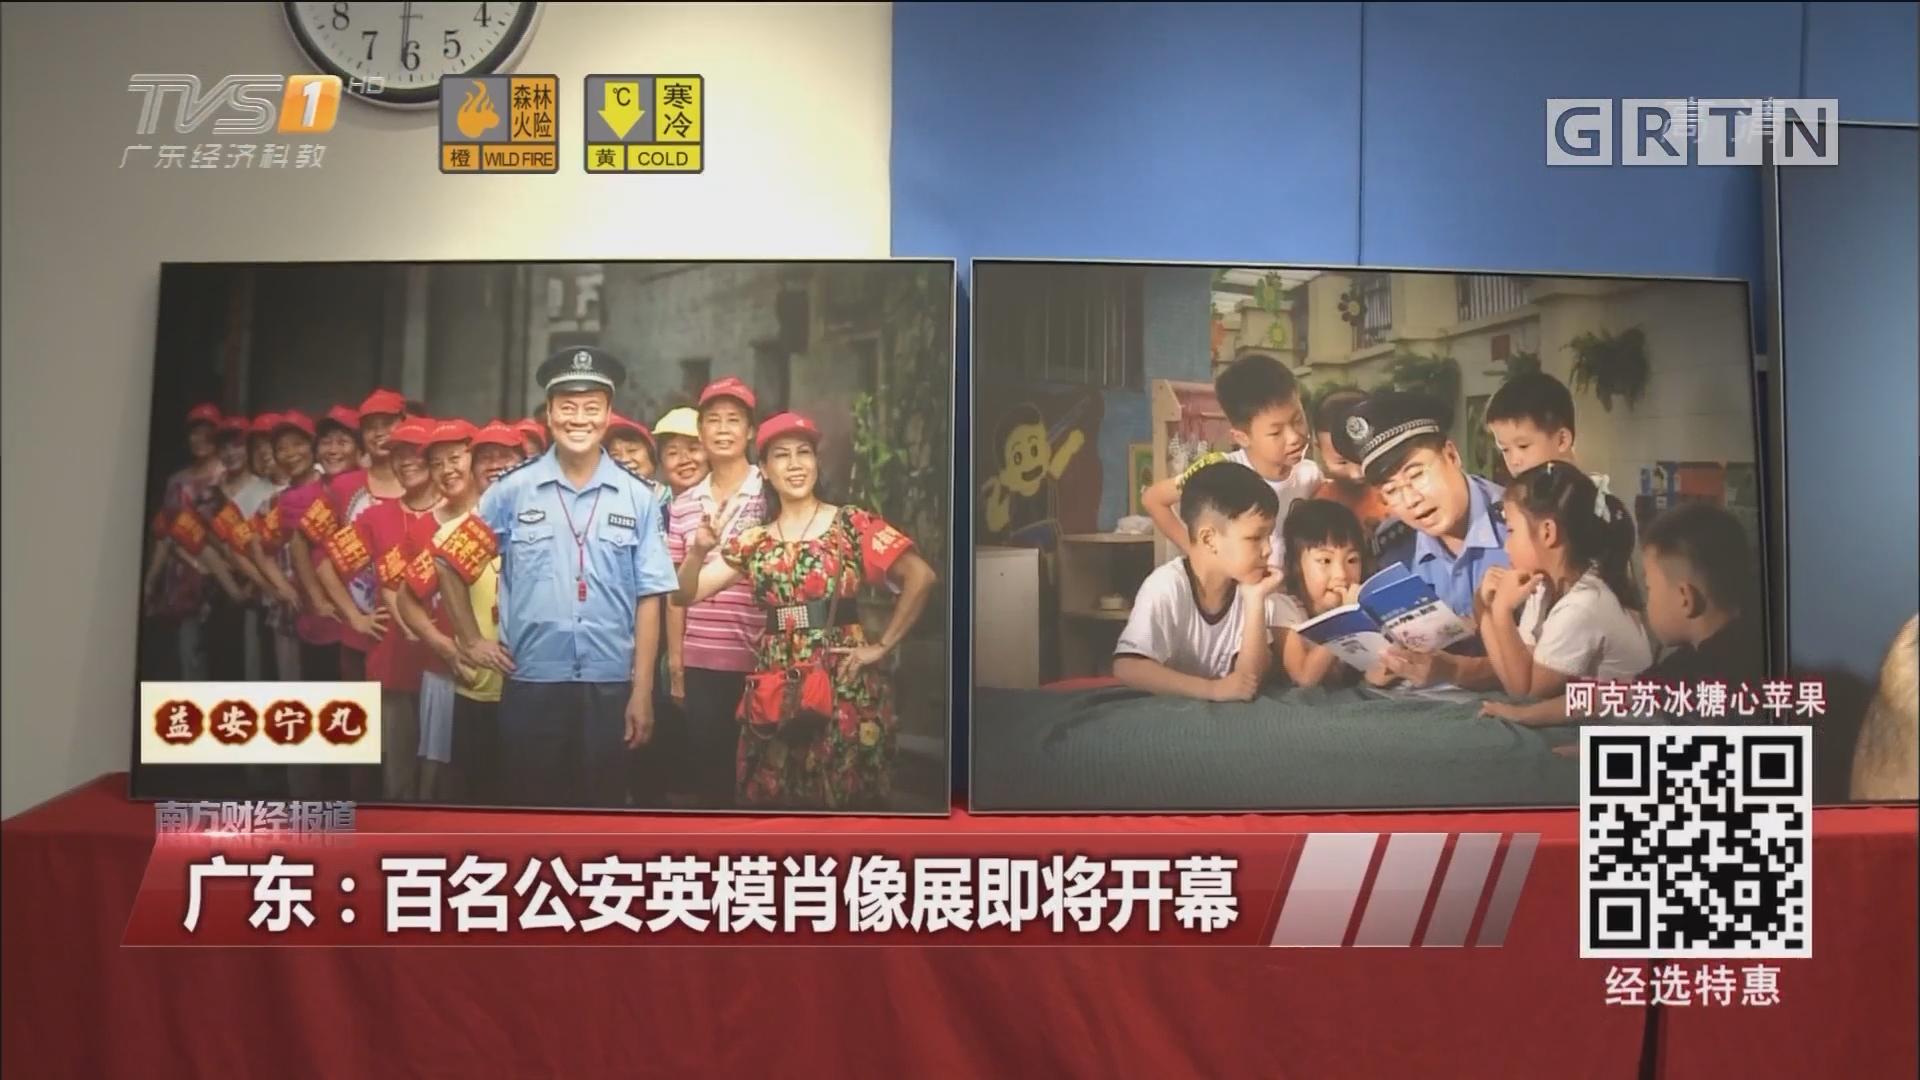 广东:百名公安英模肖像展即将开幕